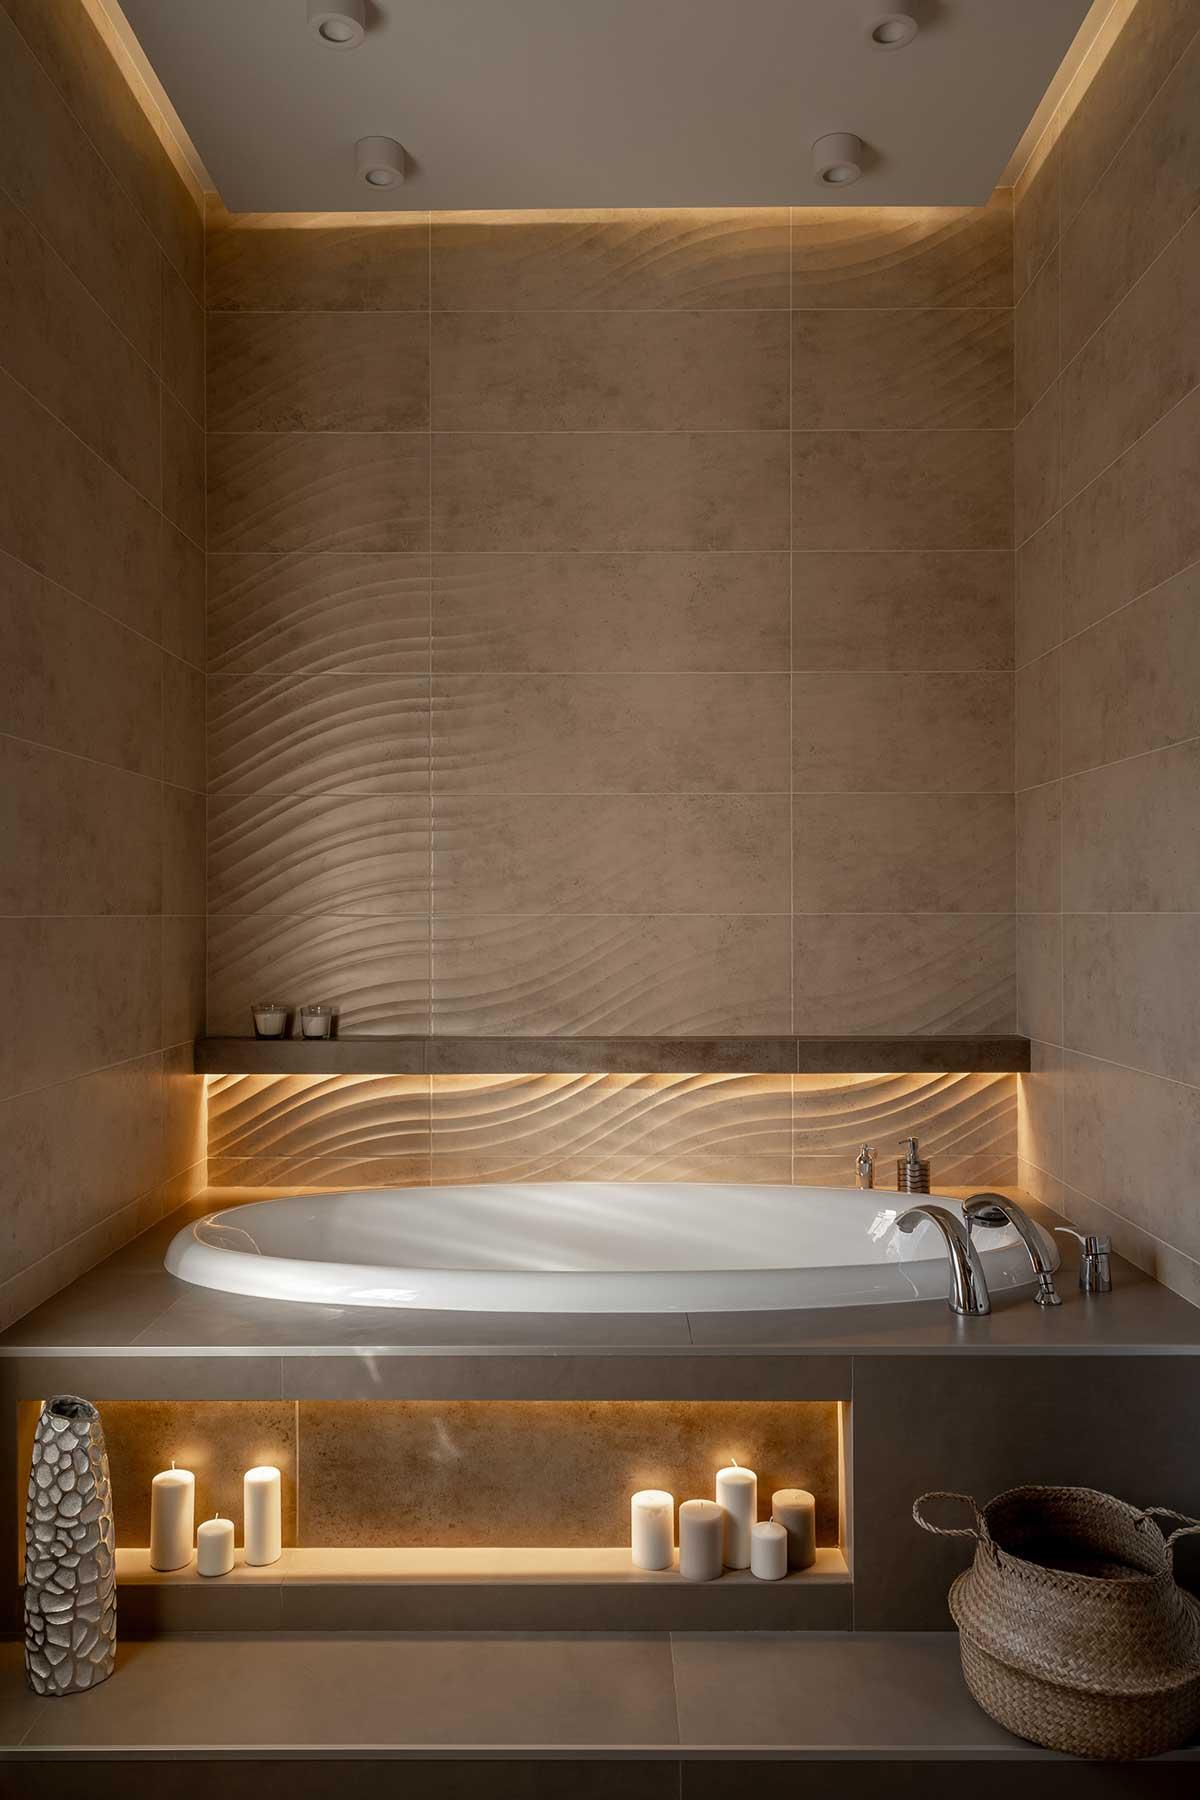 Une salle de bain tendance hamamm avec une grande baignoire ronde, des couleurs sable, des bougies et du carrelage ondulé